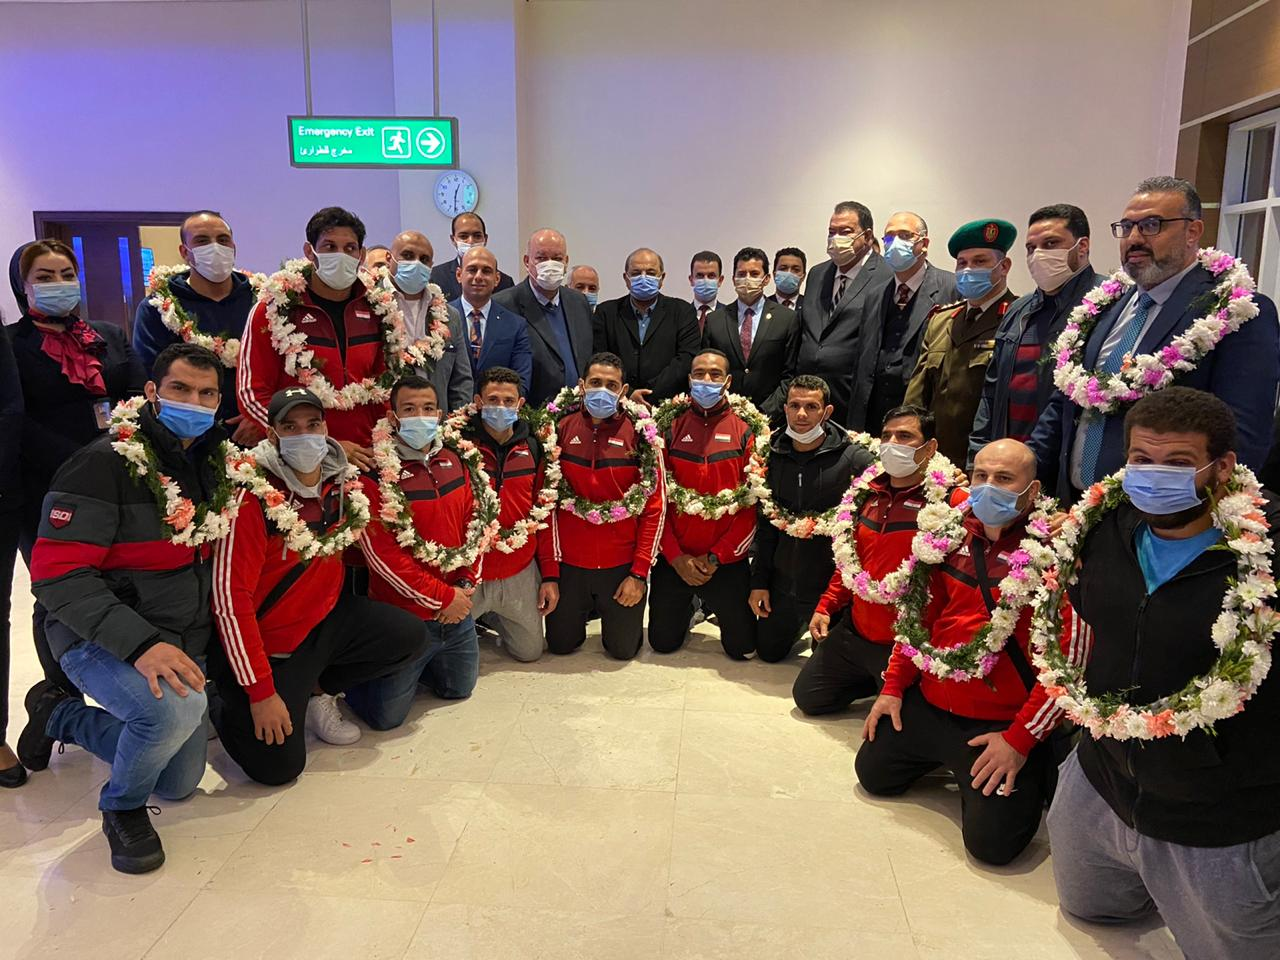 صور | وزير الرياضة يستقبل المنتخب المصري للجودو بمطار القاهرة